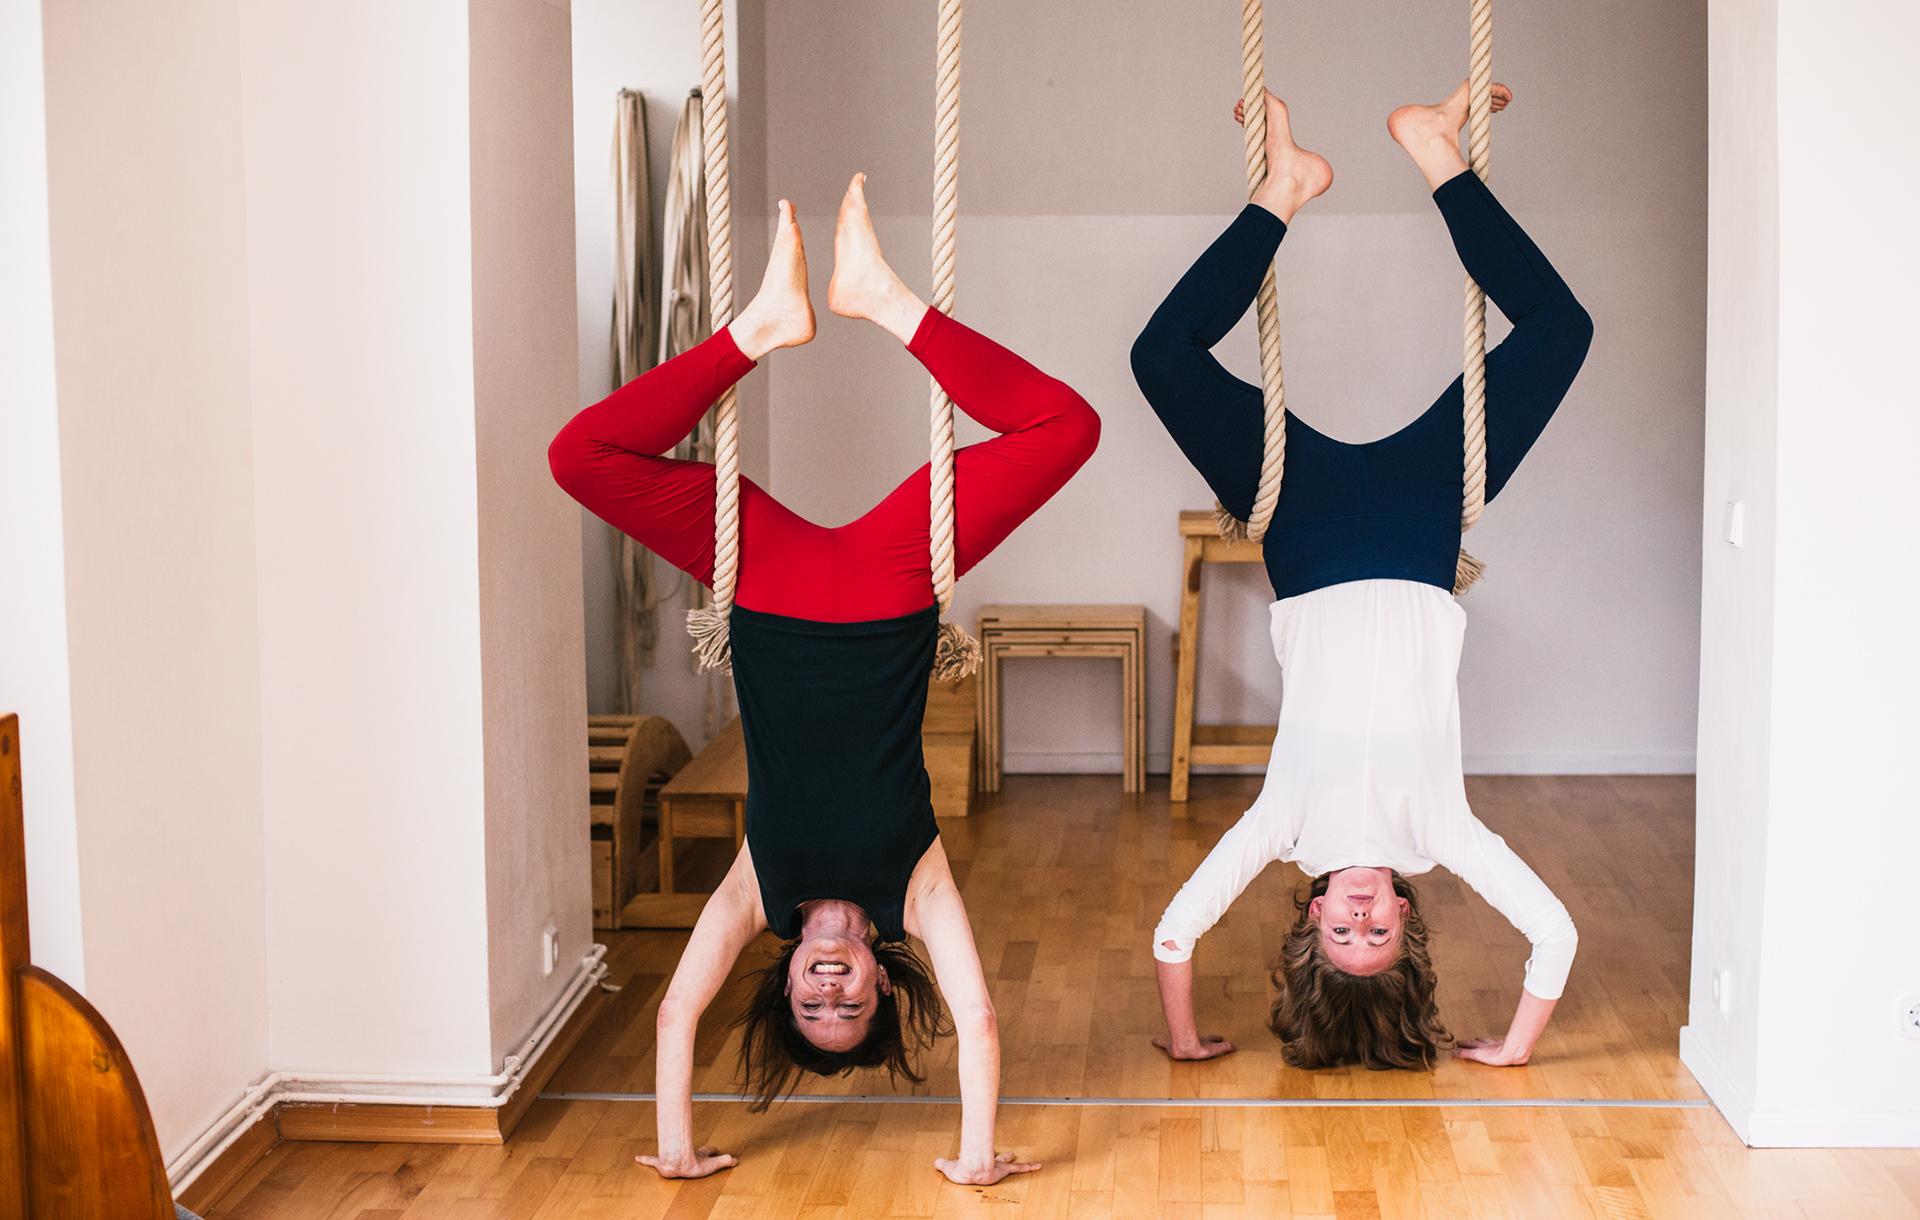 alanna-lawley-elizabeth-smullens-brass-iyengar-yoga-berlin-headstand2